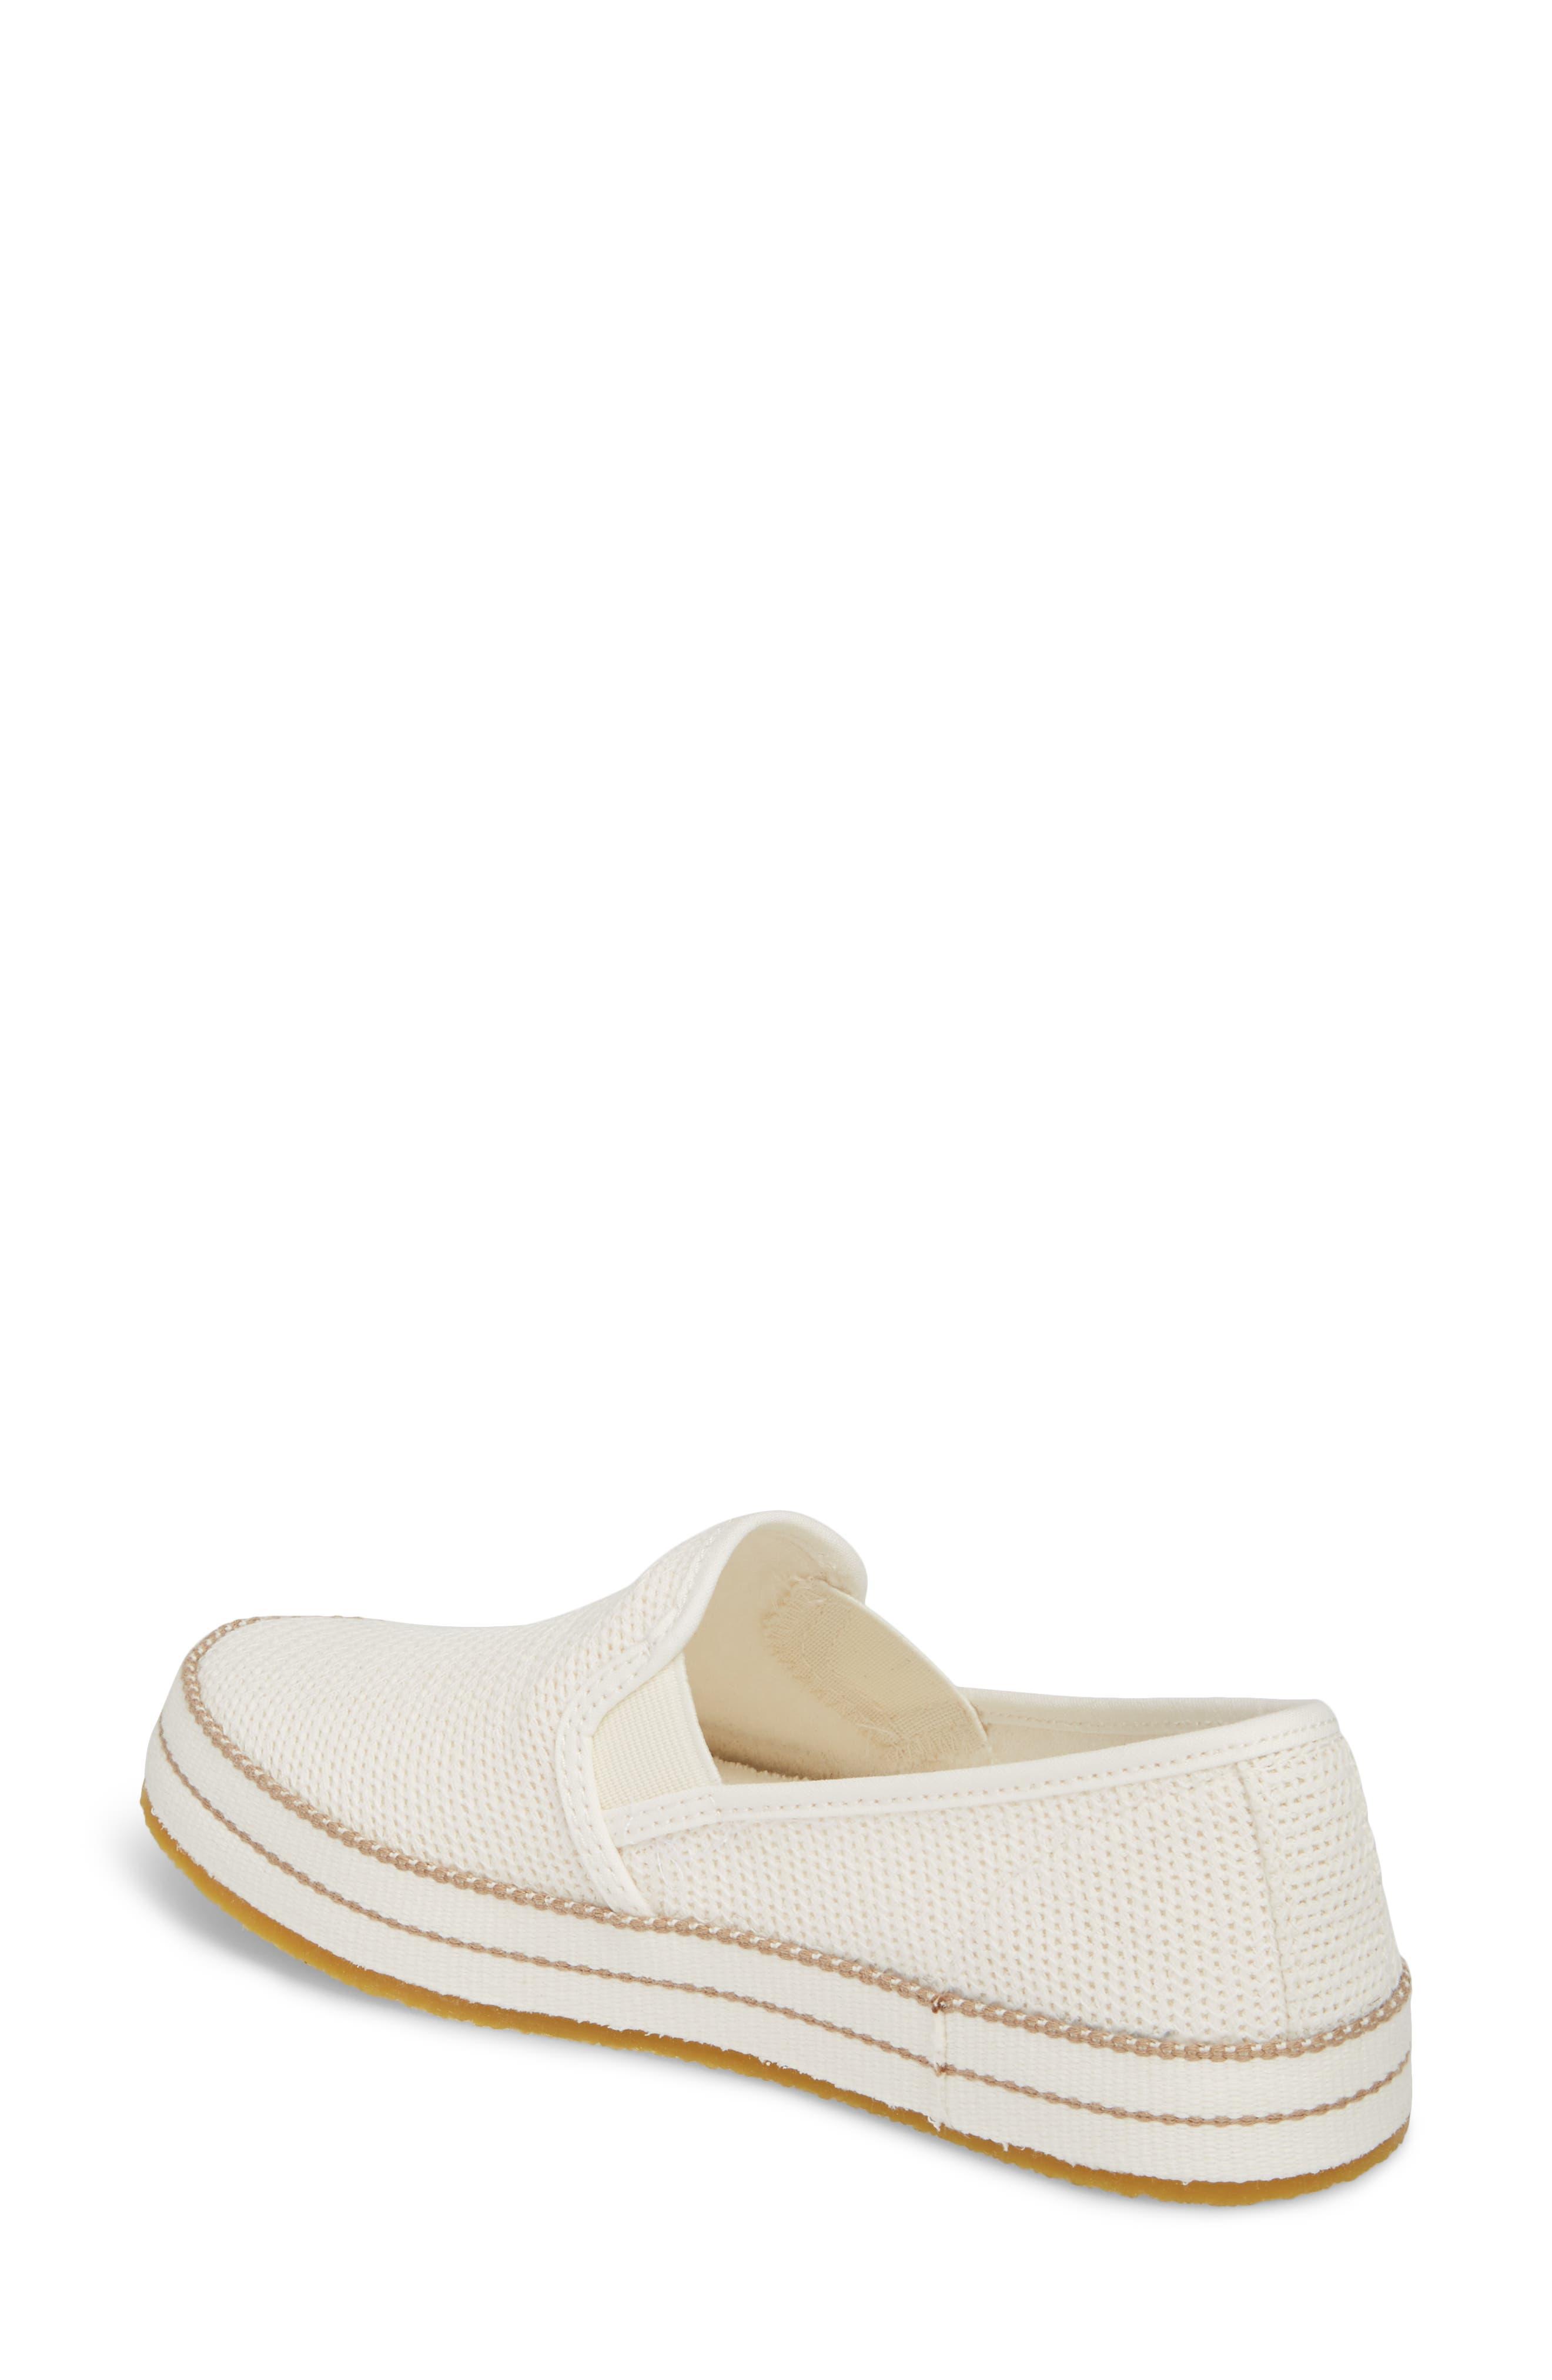 Bren Slip-On Sneaker,                             Alternate thumbnail 2, color,                             Natural